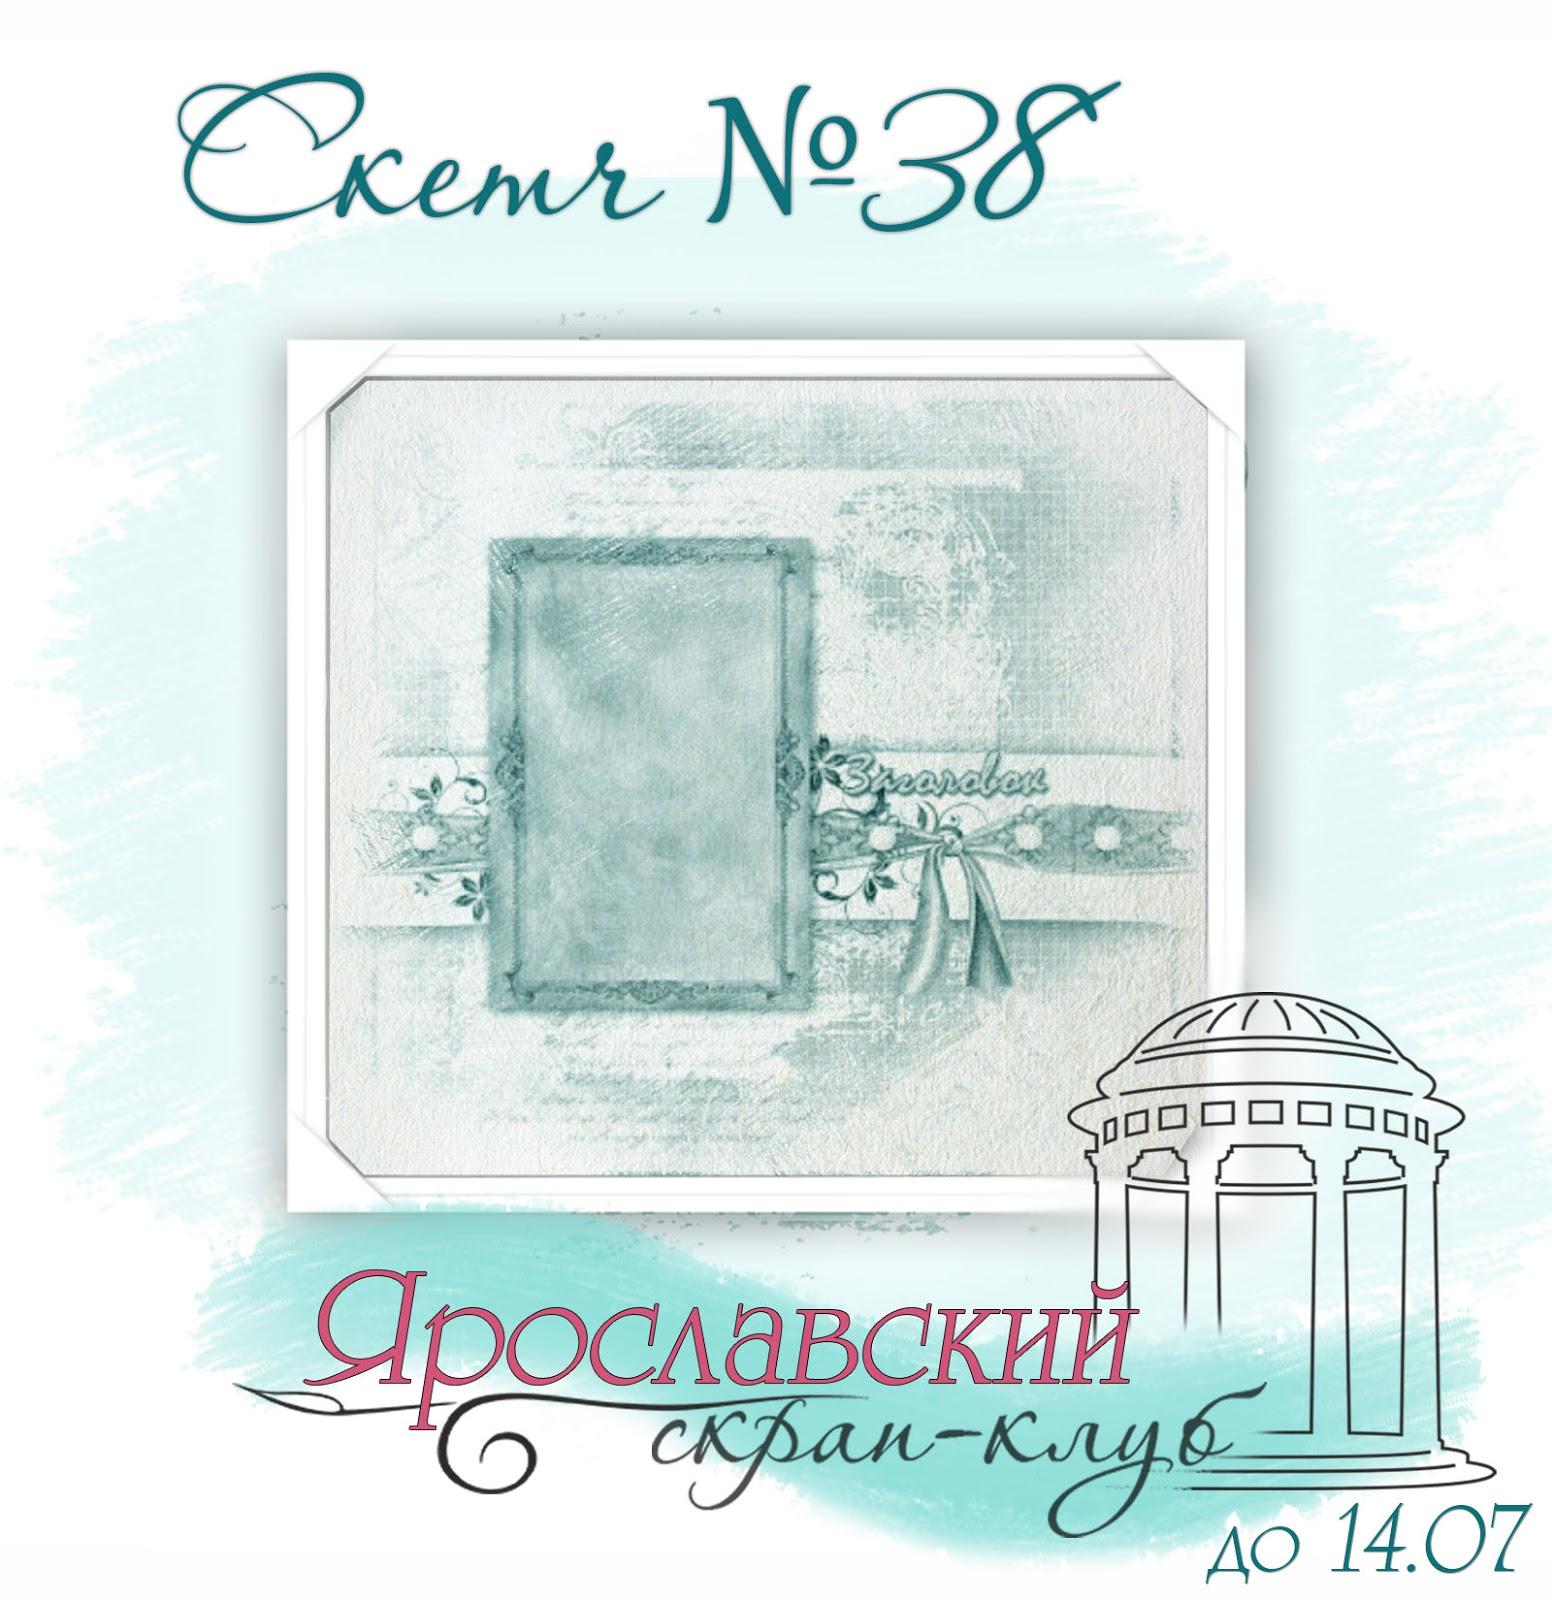 Скетч № 38 до 14.07.18